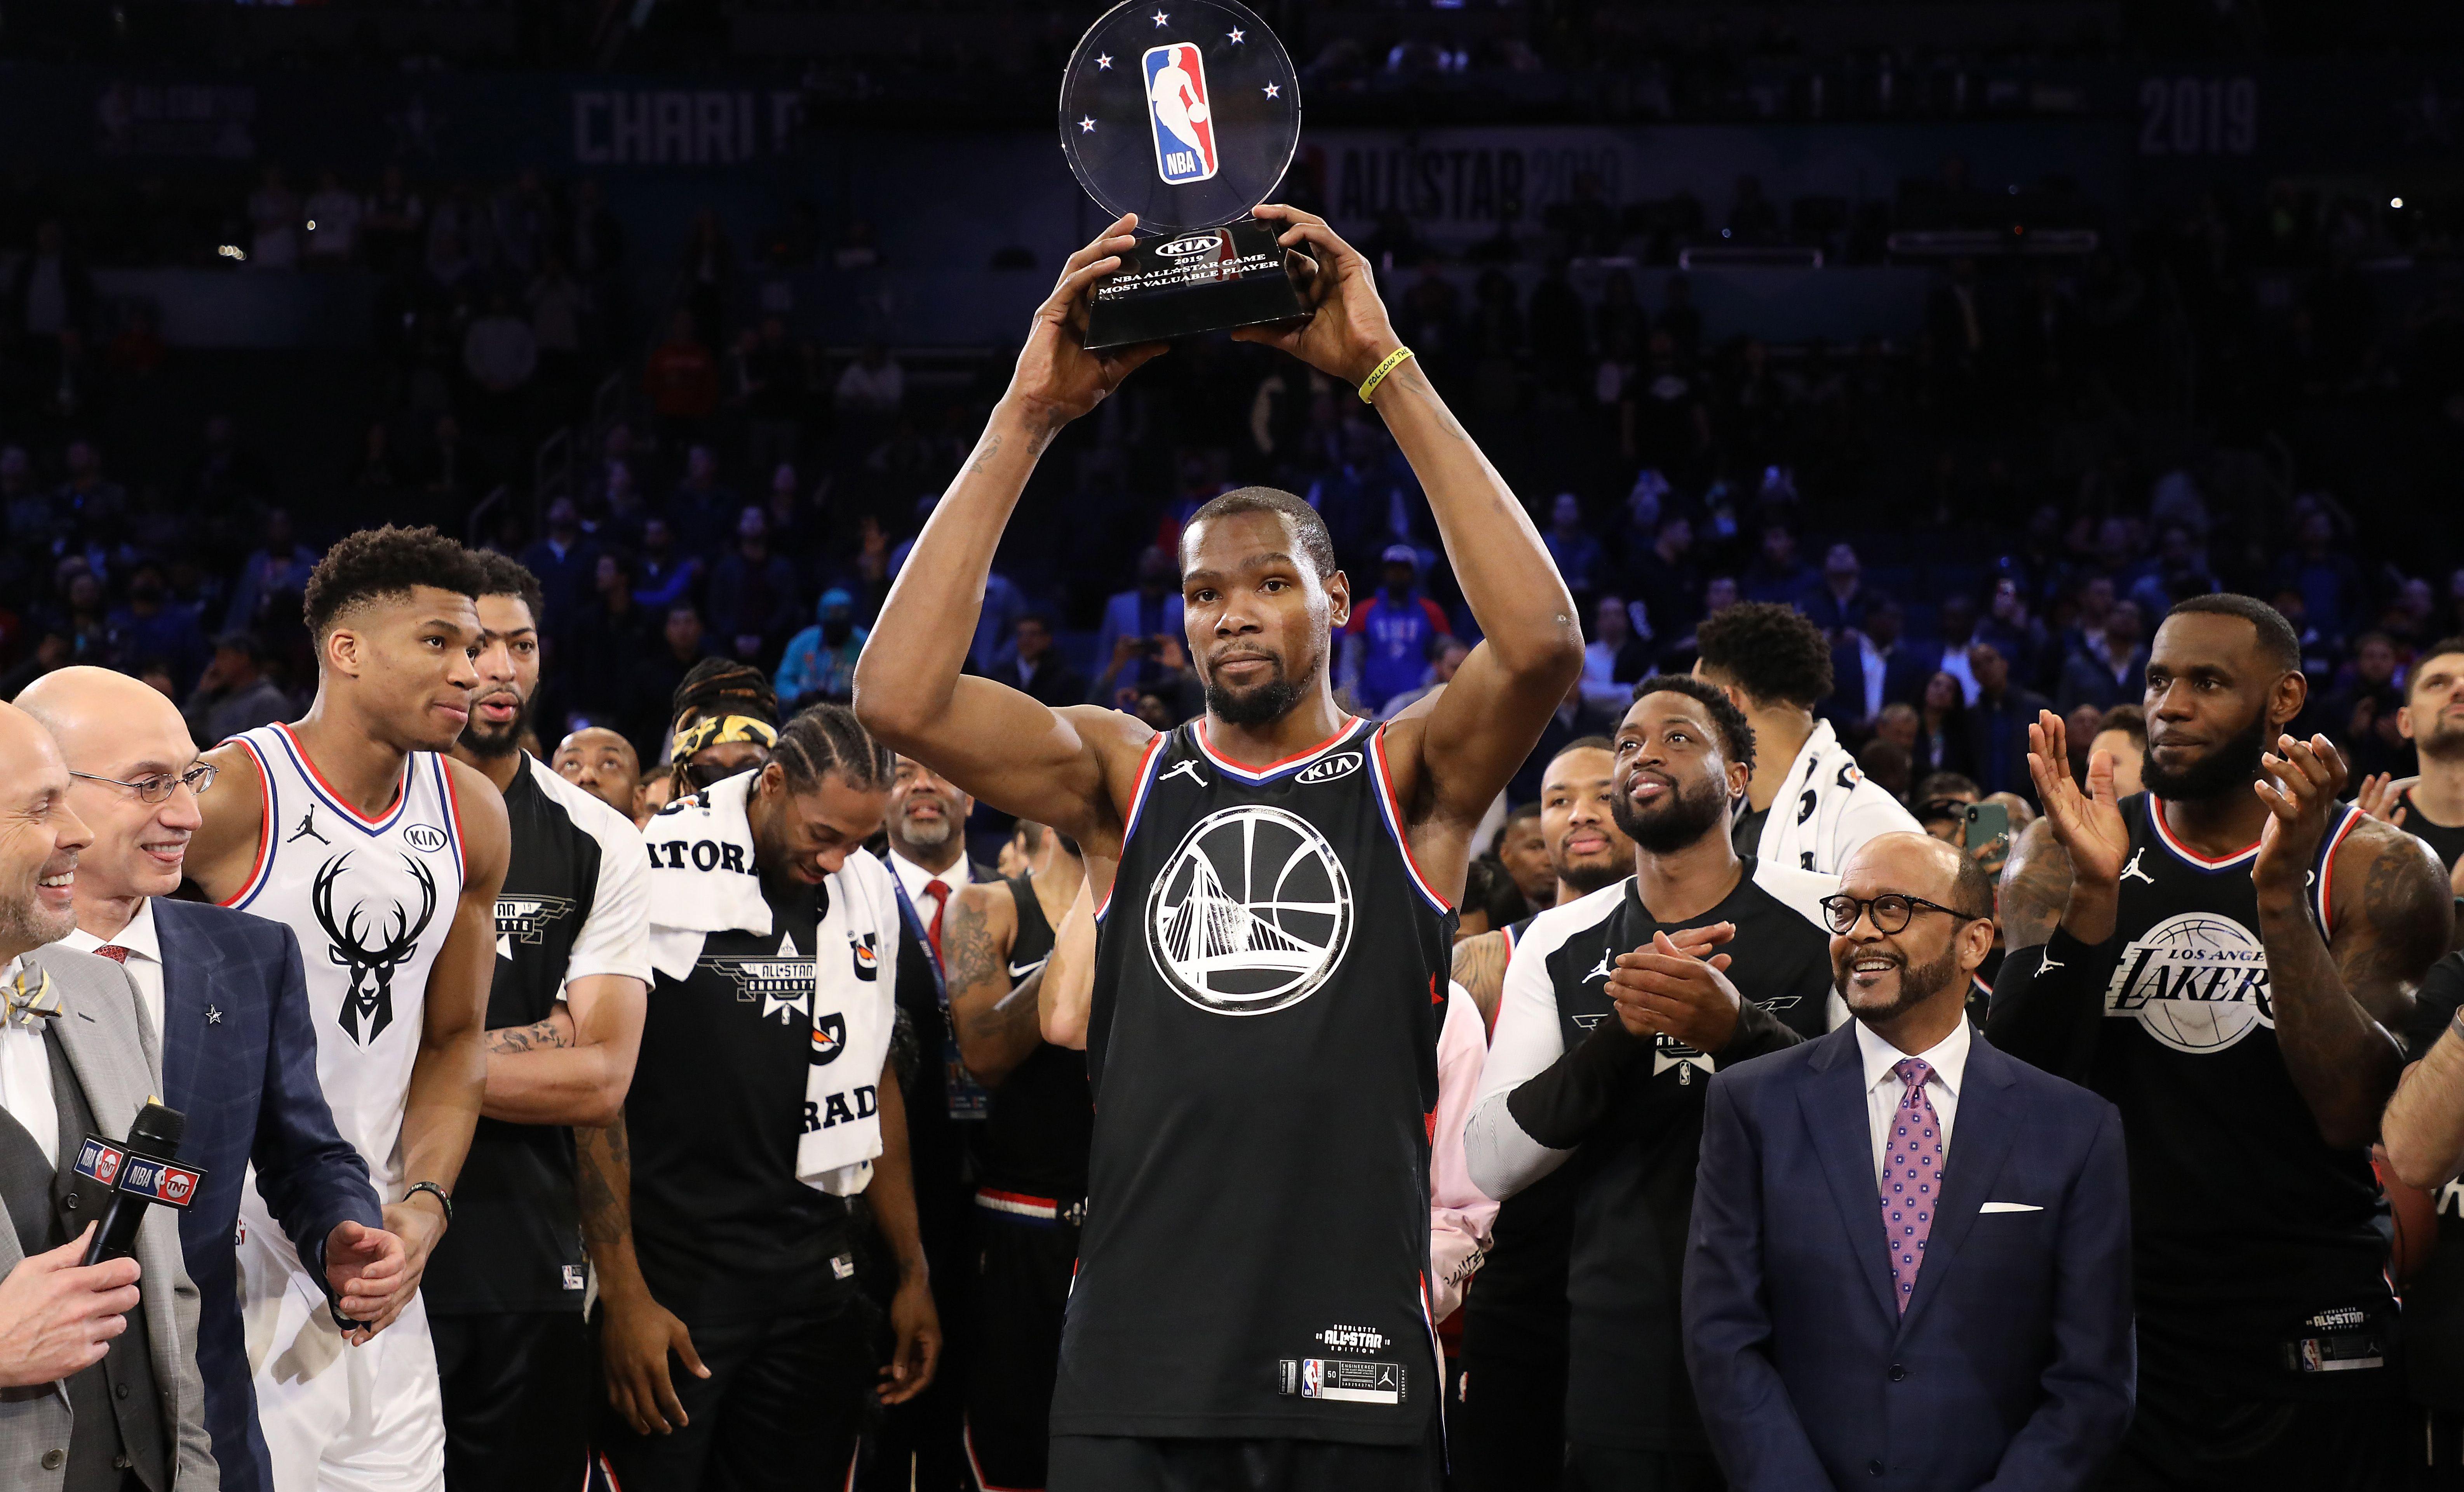 Basket - NBA - Malgré le show Antetokounmpo, Durant et la Team LeBron remportent le All Star Game